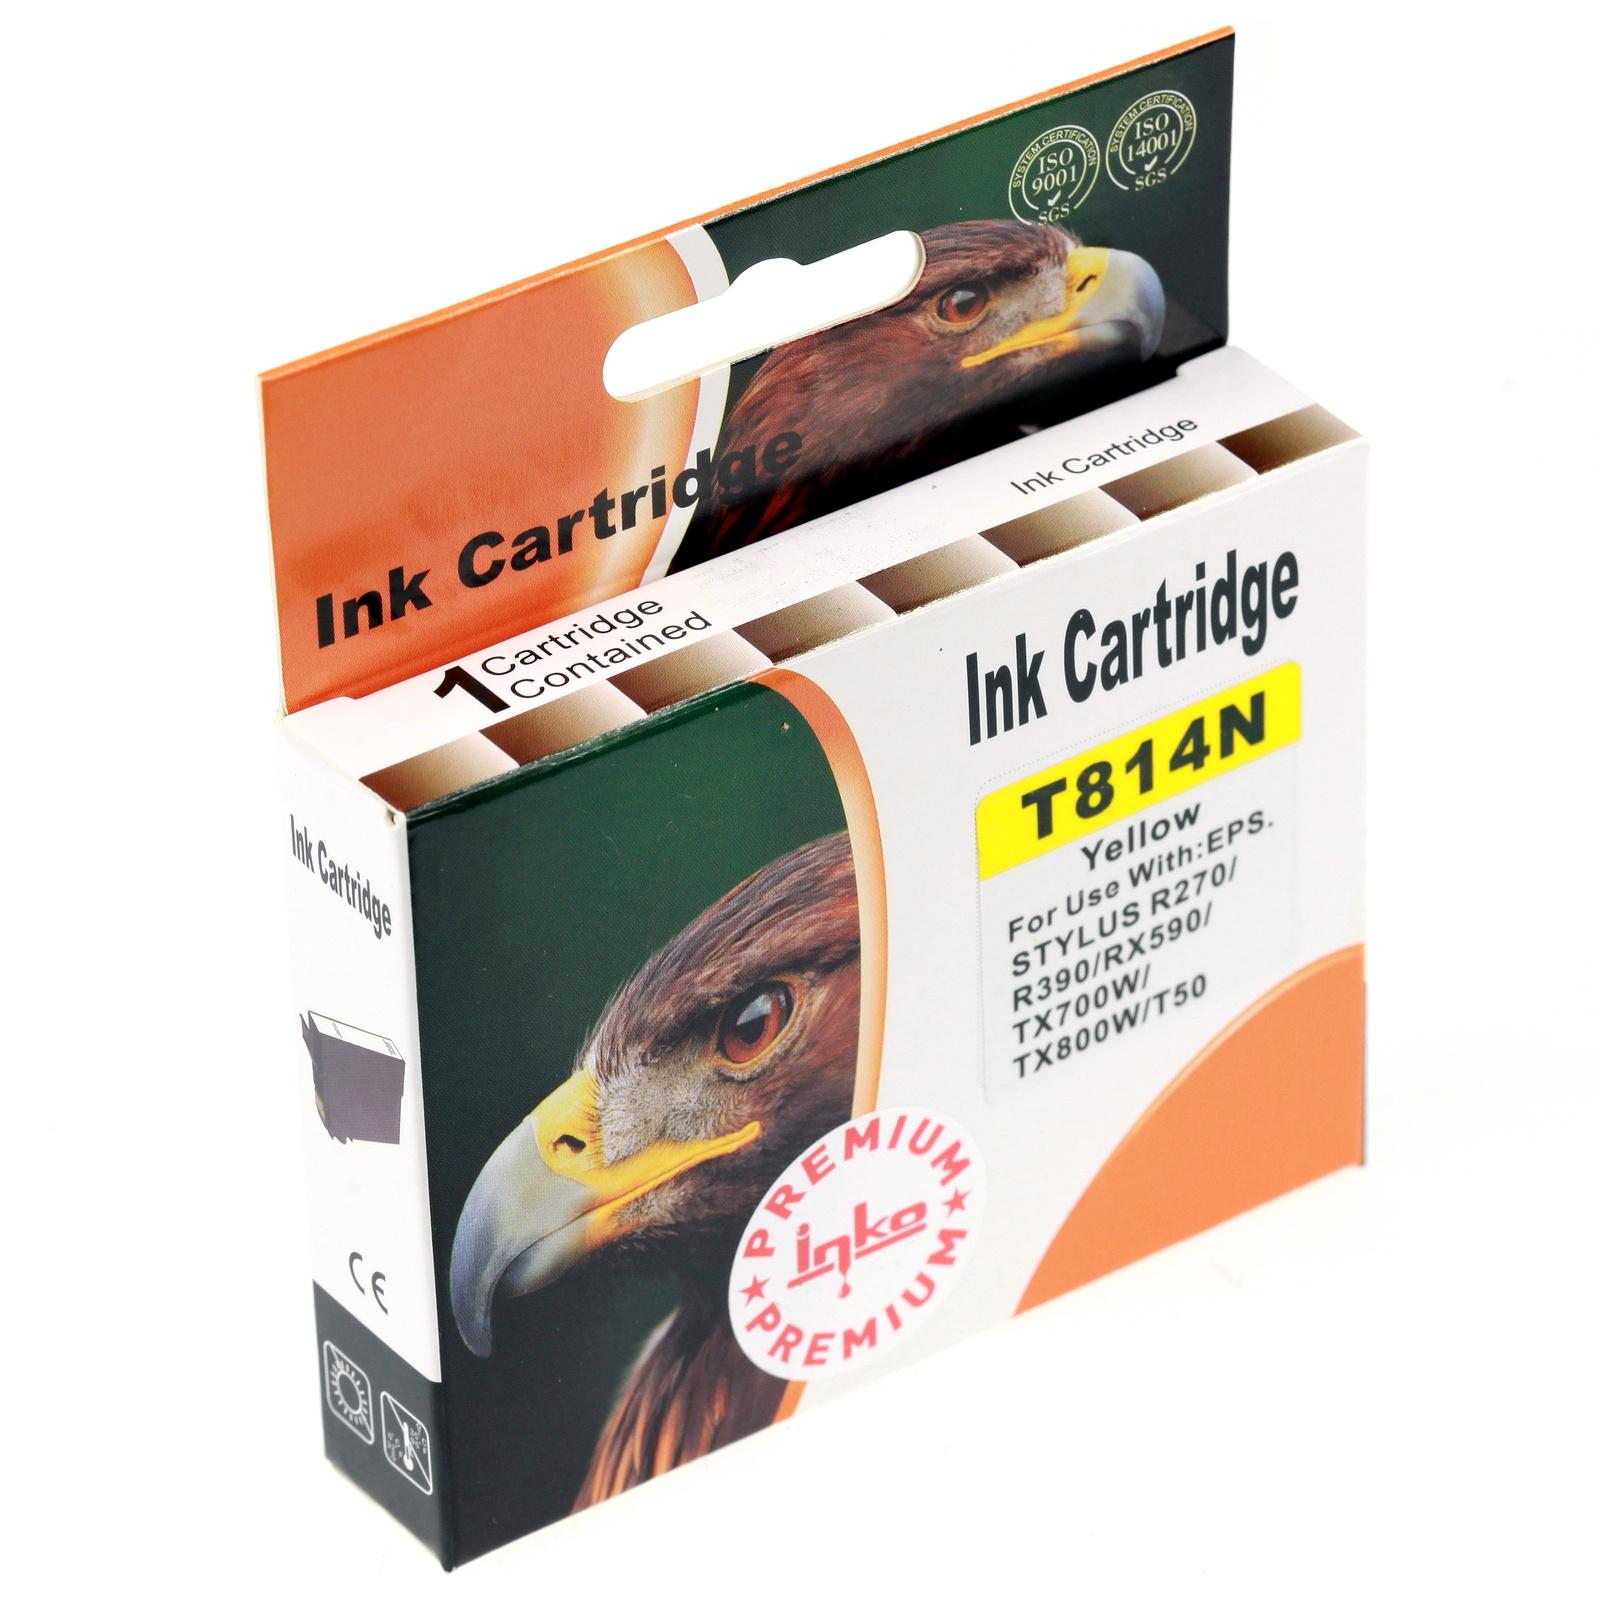 Картридж Inko T814N для Epson Stylus Photo R270, R290, T50, TX650 желтый повышенной емкости цена 2017